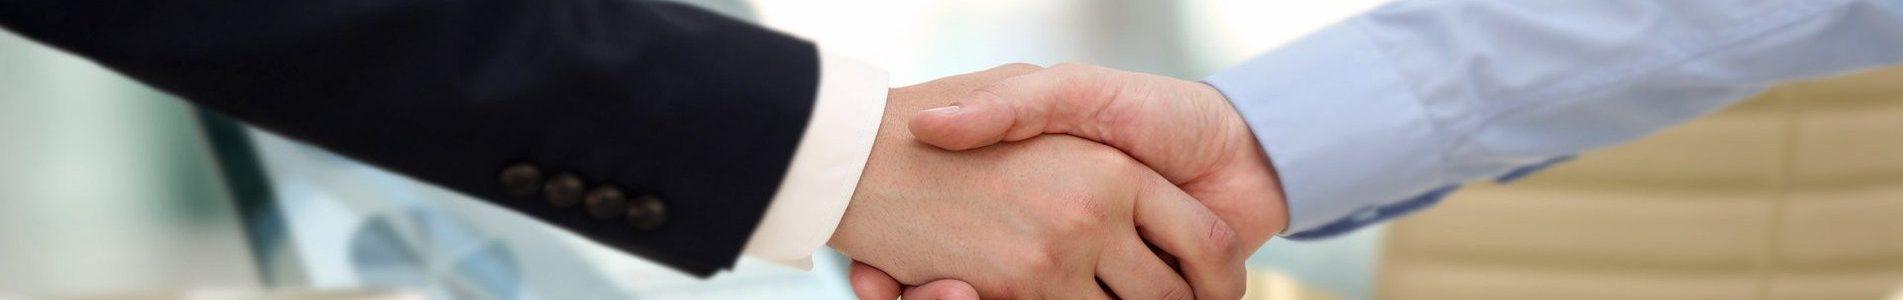 регионални партньори за дистрибуция в българия